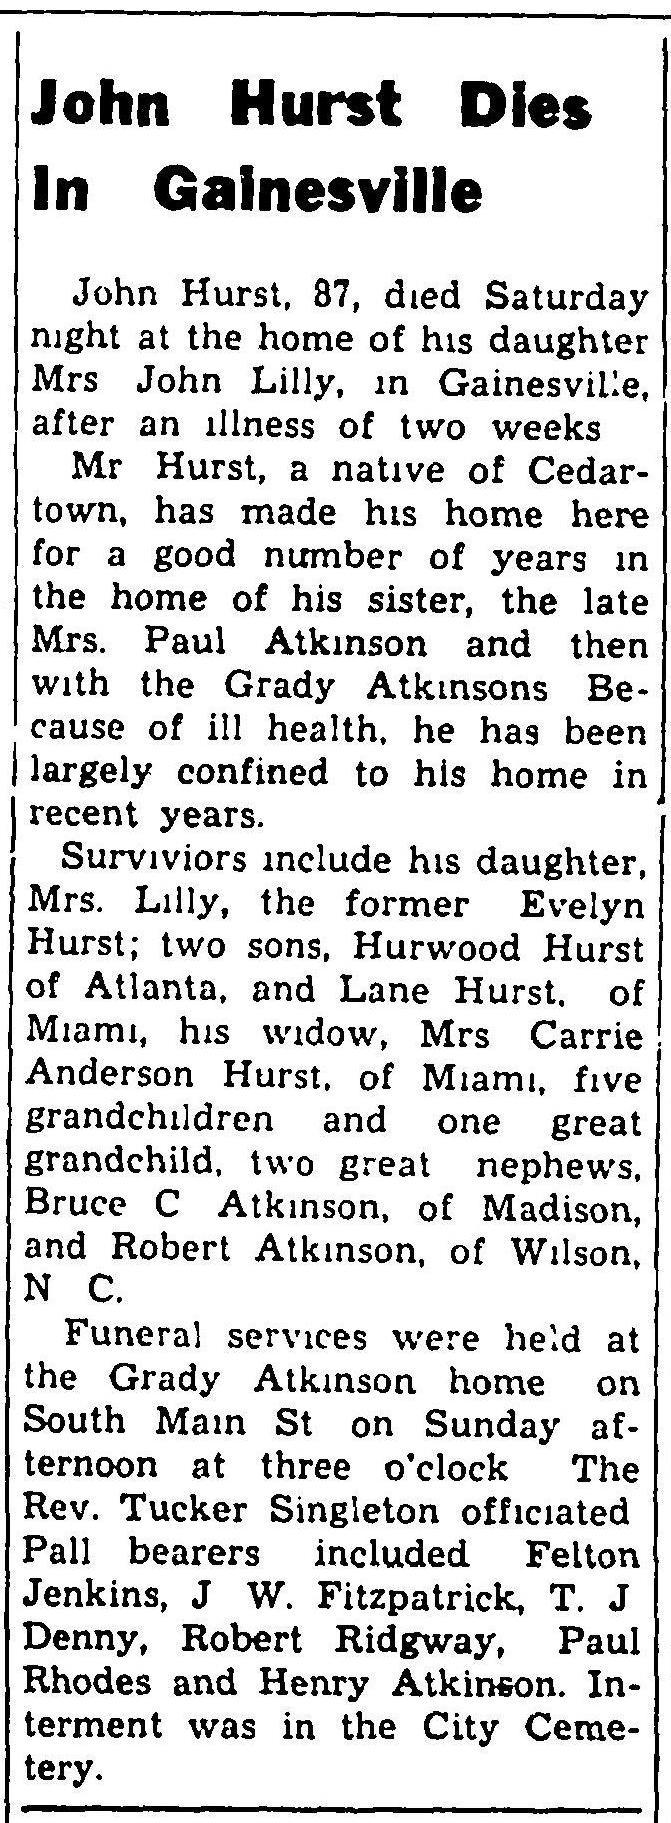 hurst_johnlane_1962-obituary.jpeg